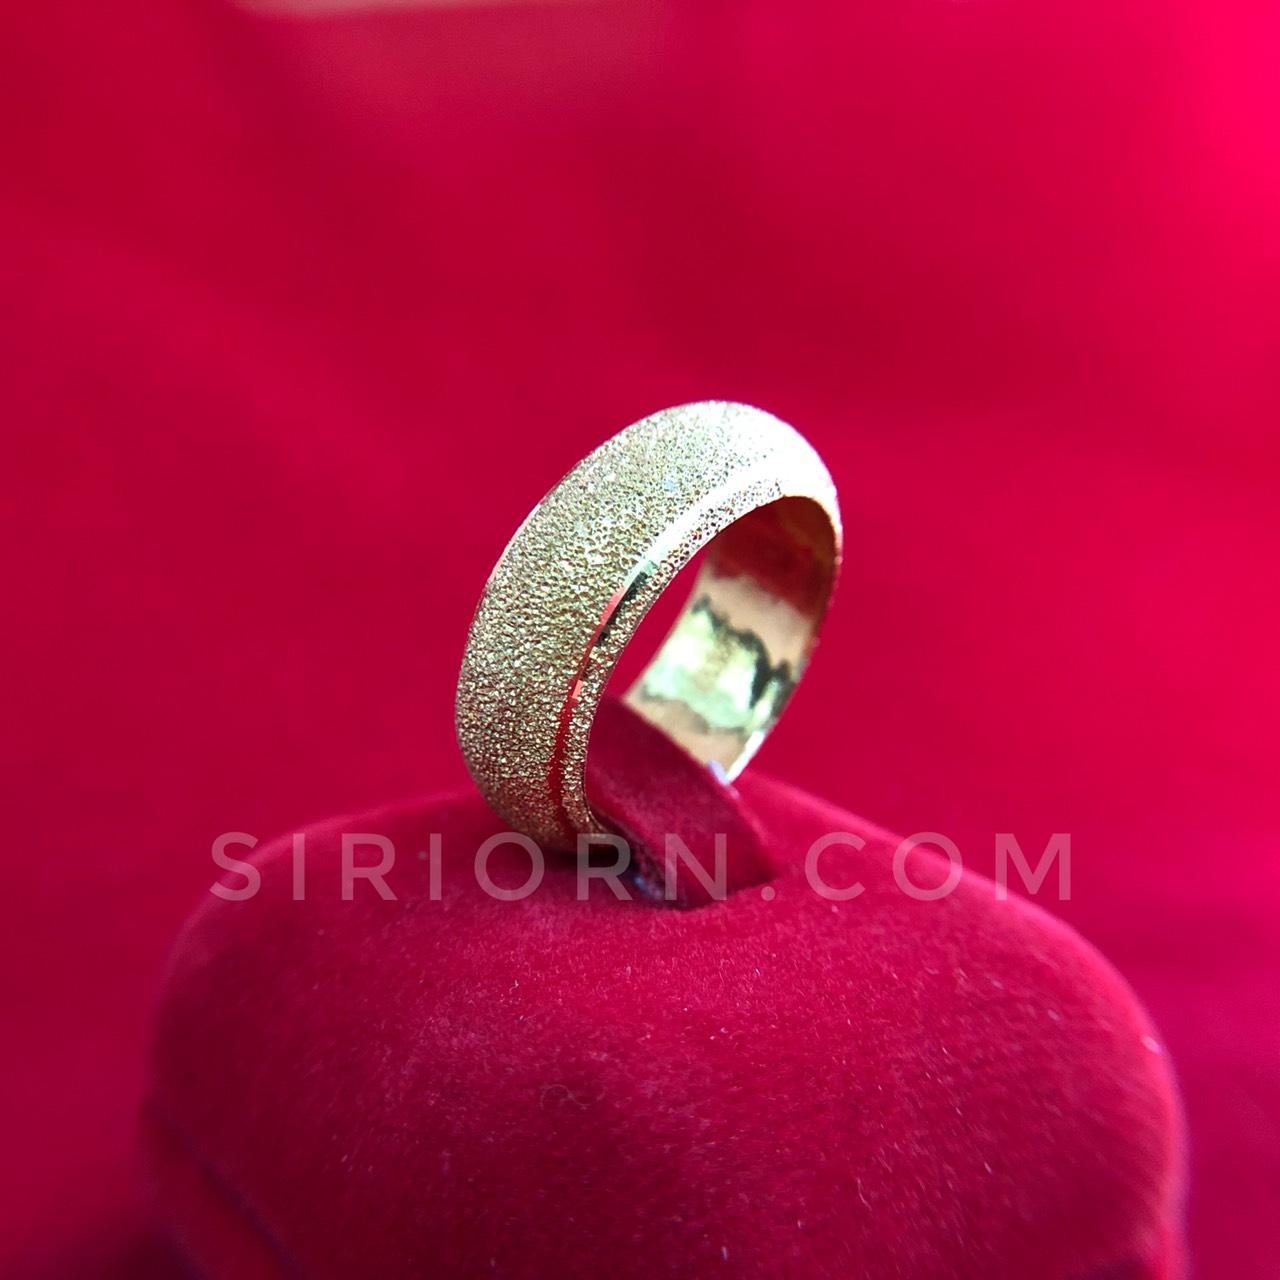 แหวนทองคำแท้ 96.5% ลายปอกมีดโปร่งจิกเพชร